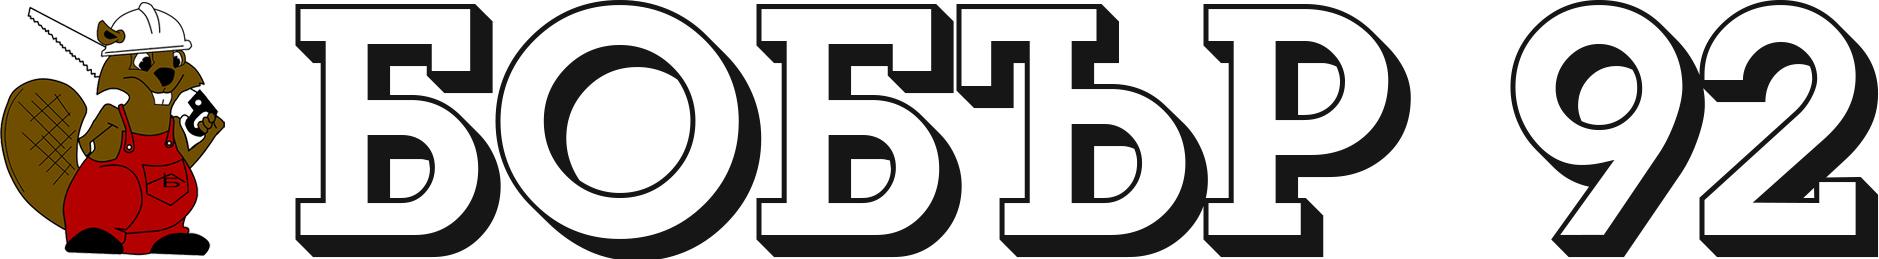 Строителна фирма Бобър 92